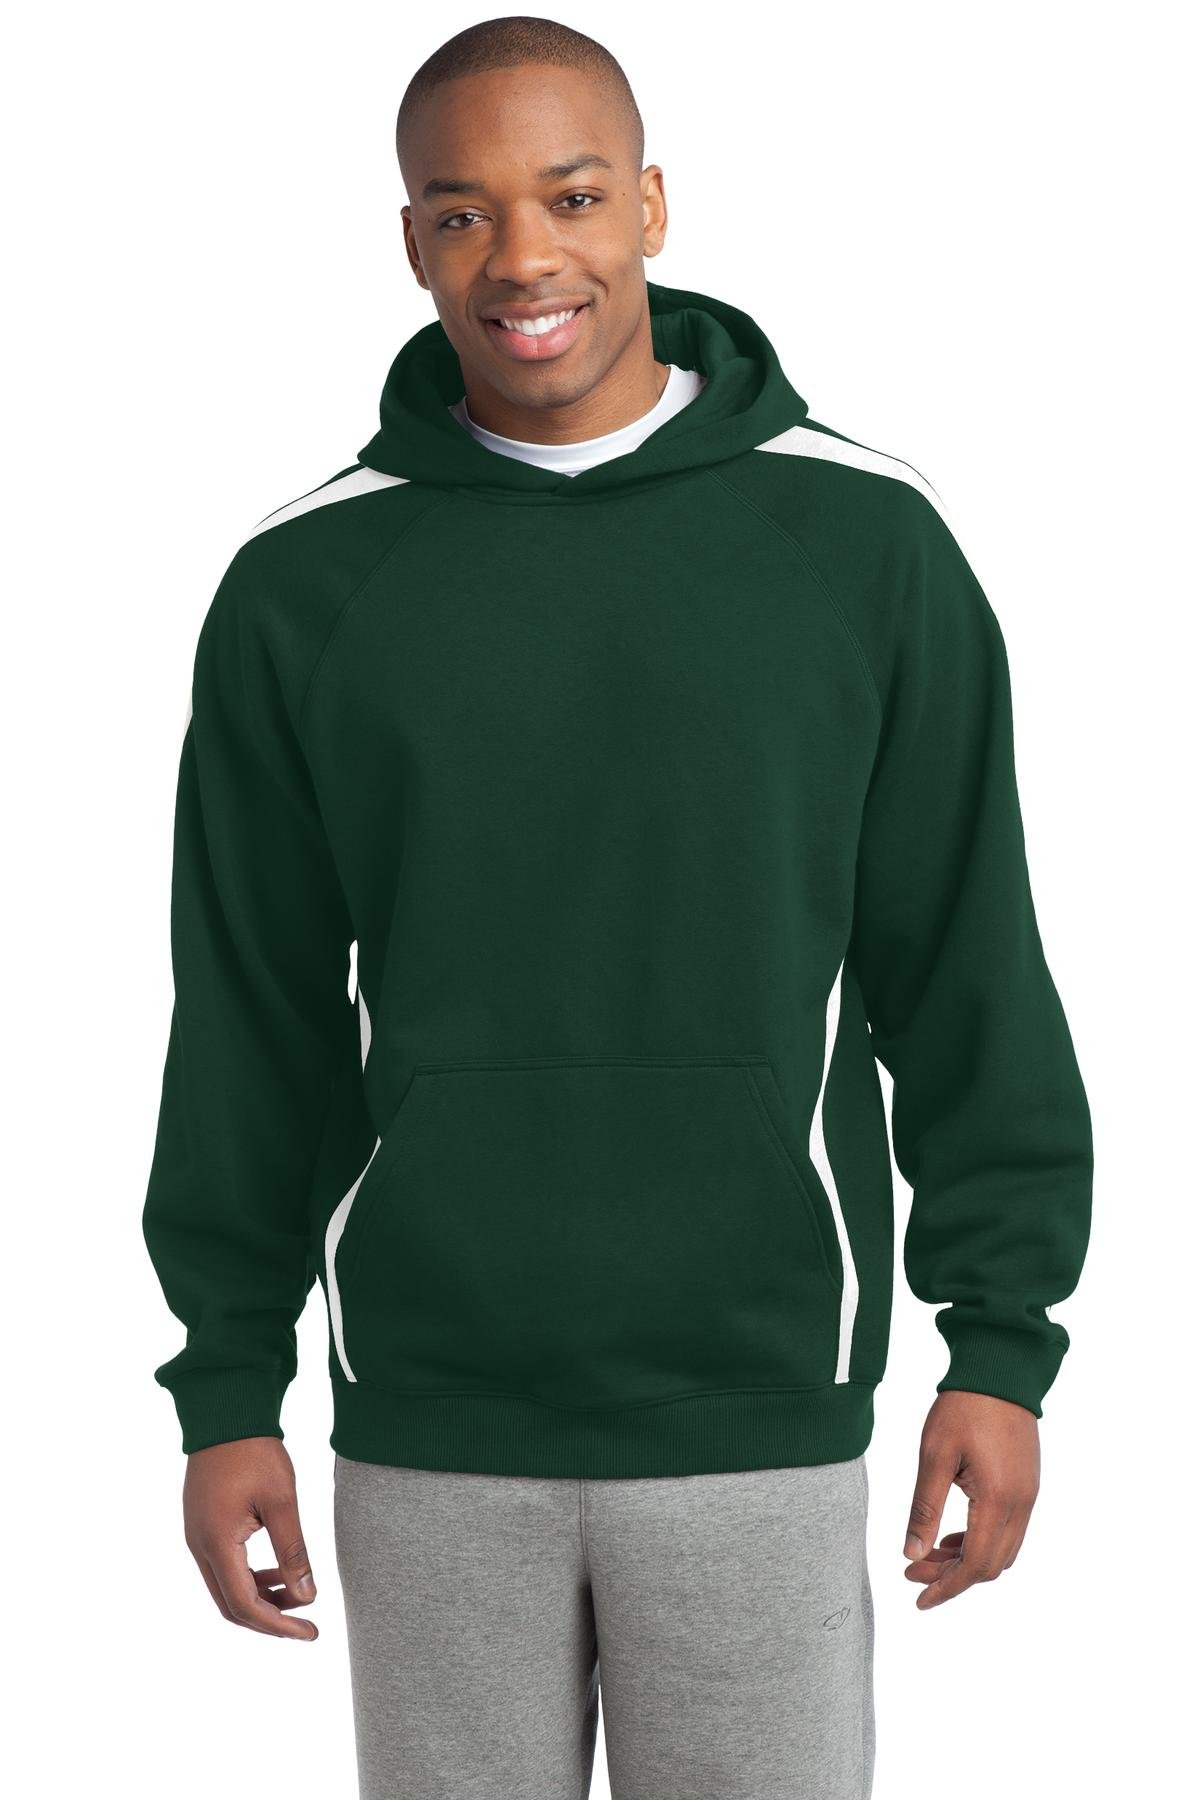 Sport-Tek Men's Sleeve Stripe Pullover Hooded 4XL Forest Green/White by Sport-Tek